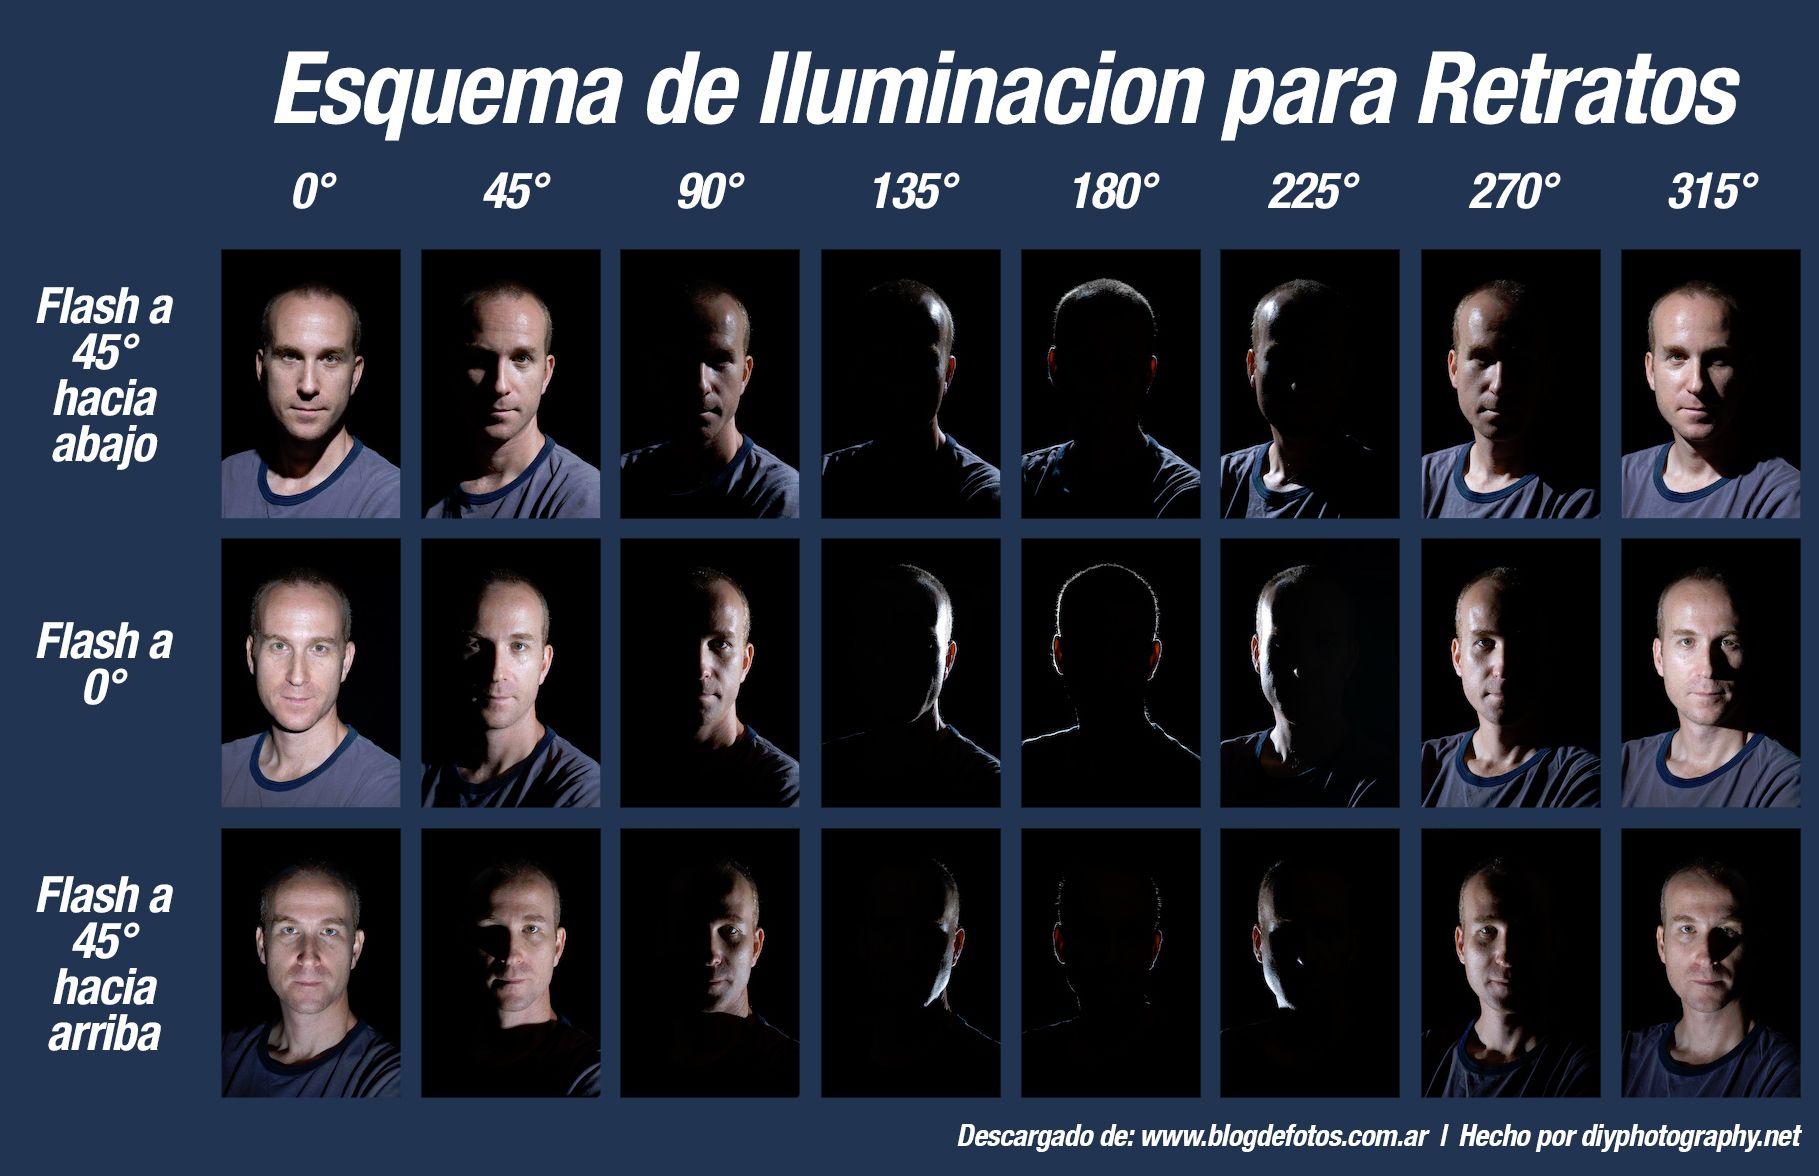 Esquema de Iluminacion para Retratos  fotografia